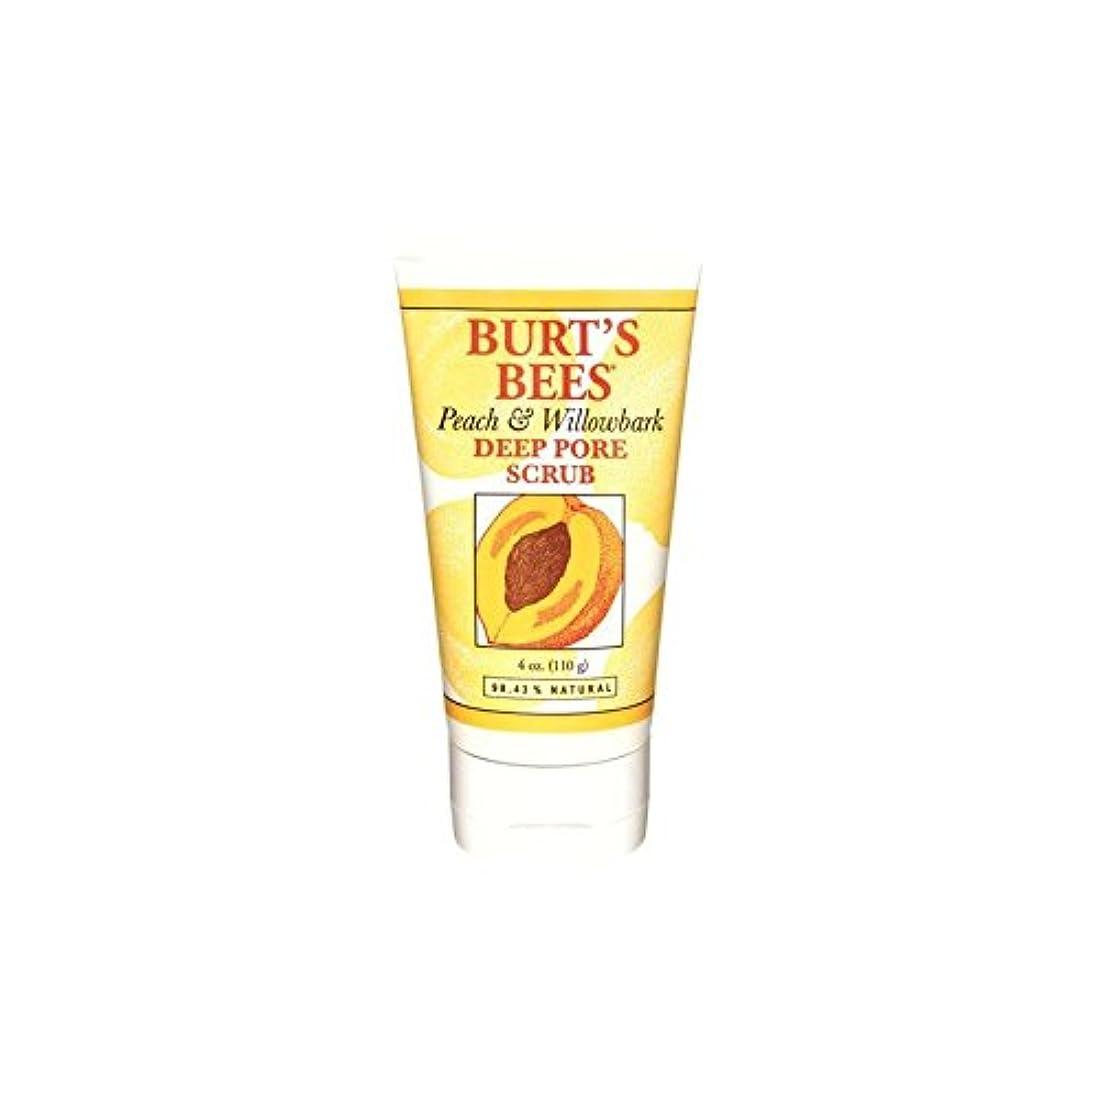 傘通知する想定するBurt's Bees Peach & Willowbark Deep Pore Scrub (4 Oz / 110G) - バーツビーの桃&深いポアスクラブ(4オンス/ 110グラム) [並行輸入品]